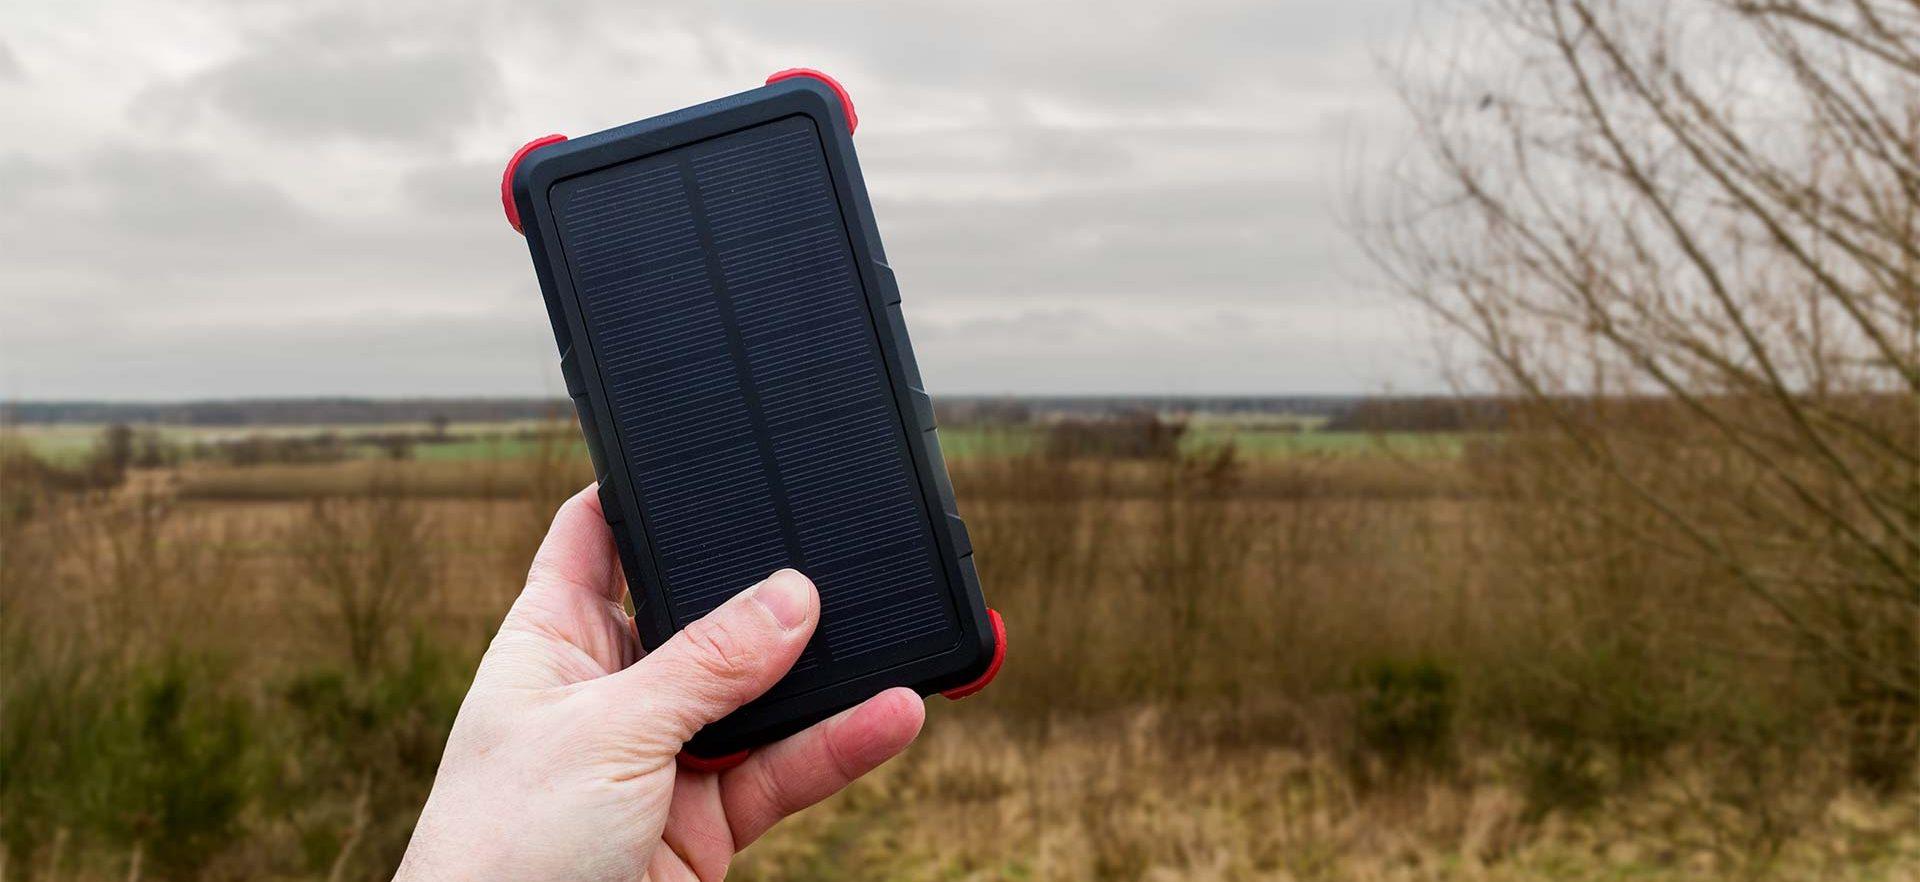 Sofern die Sonne scheint ist die Powerbank auch mit solarer Energie wieder aufzuladen. Allerdings benötigt sie für eine volle Ladung knapp 2 Tage durchgehenden Sonnenschein.